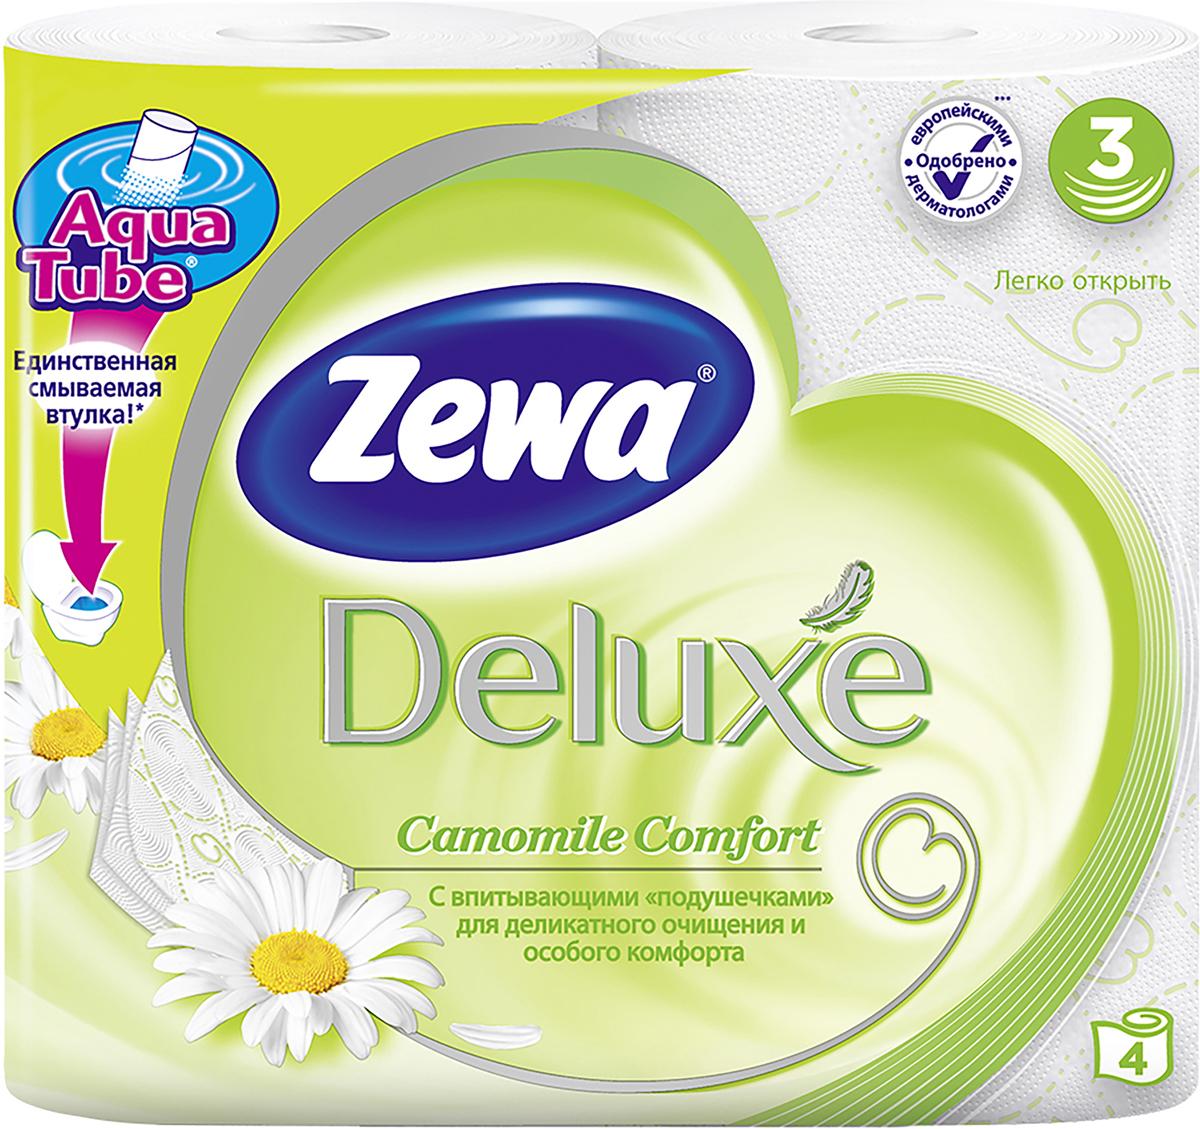 Бумага туалетная Zewa Deluxe. Ромашка, 3 слоя, 4 рулонаУТ000000662Подарите себе удовольствие от ежедневного ухода за собой. Zewa Deluxe с новыми впитывающими «подушечками» деликатно очищает и нежно заботится о вашей коже. Мягкость, забота, комфорт – вашей коже это понравится!Со смываемой втулкой Aqua Tube!Белая 3-х слойная туалетная бумага с ароматом ромашки.4 рулона в упаковке.Состав: целлюлоза.Производство: Россия